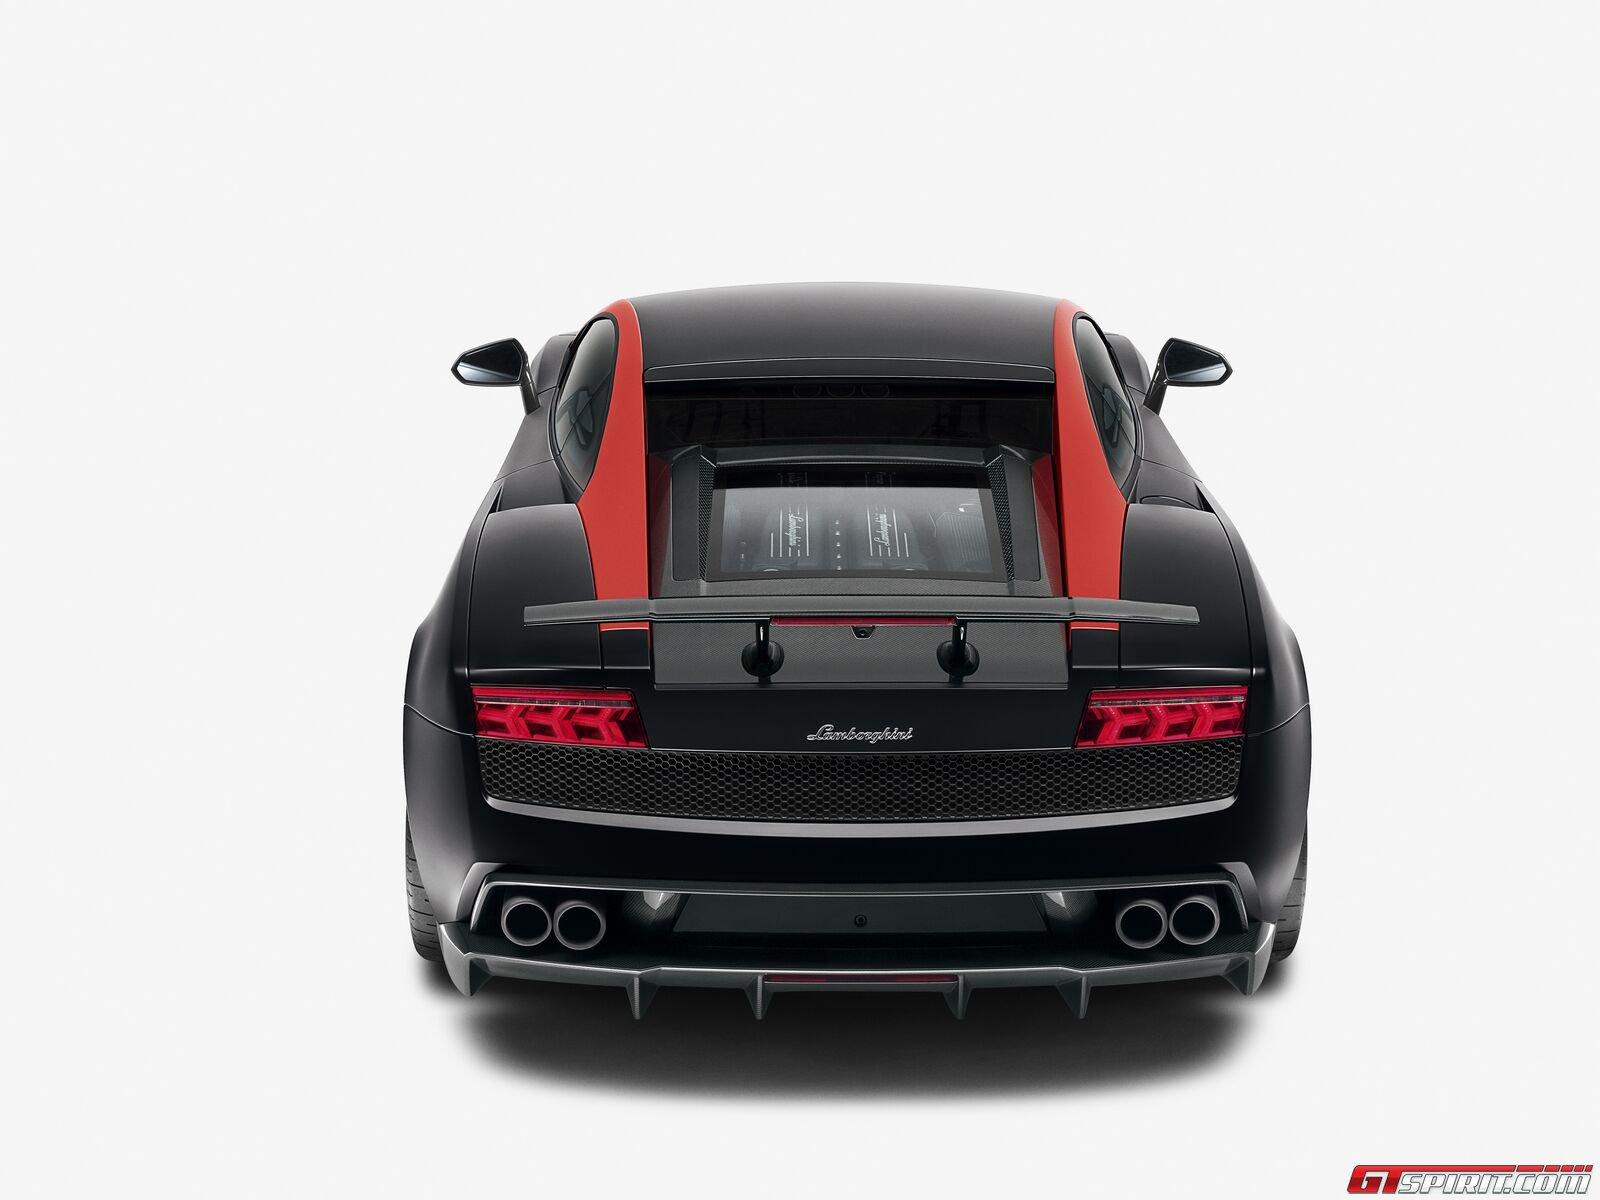 Lamborghini Gallardo LP570-4 Edizione Tecnica Photo 4